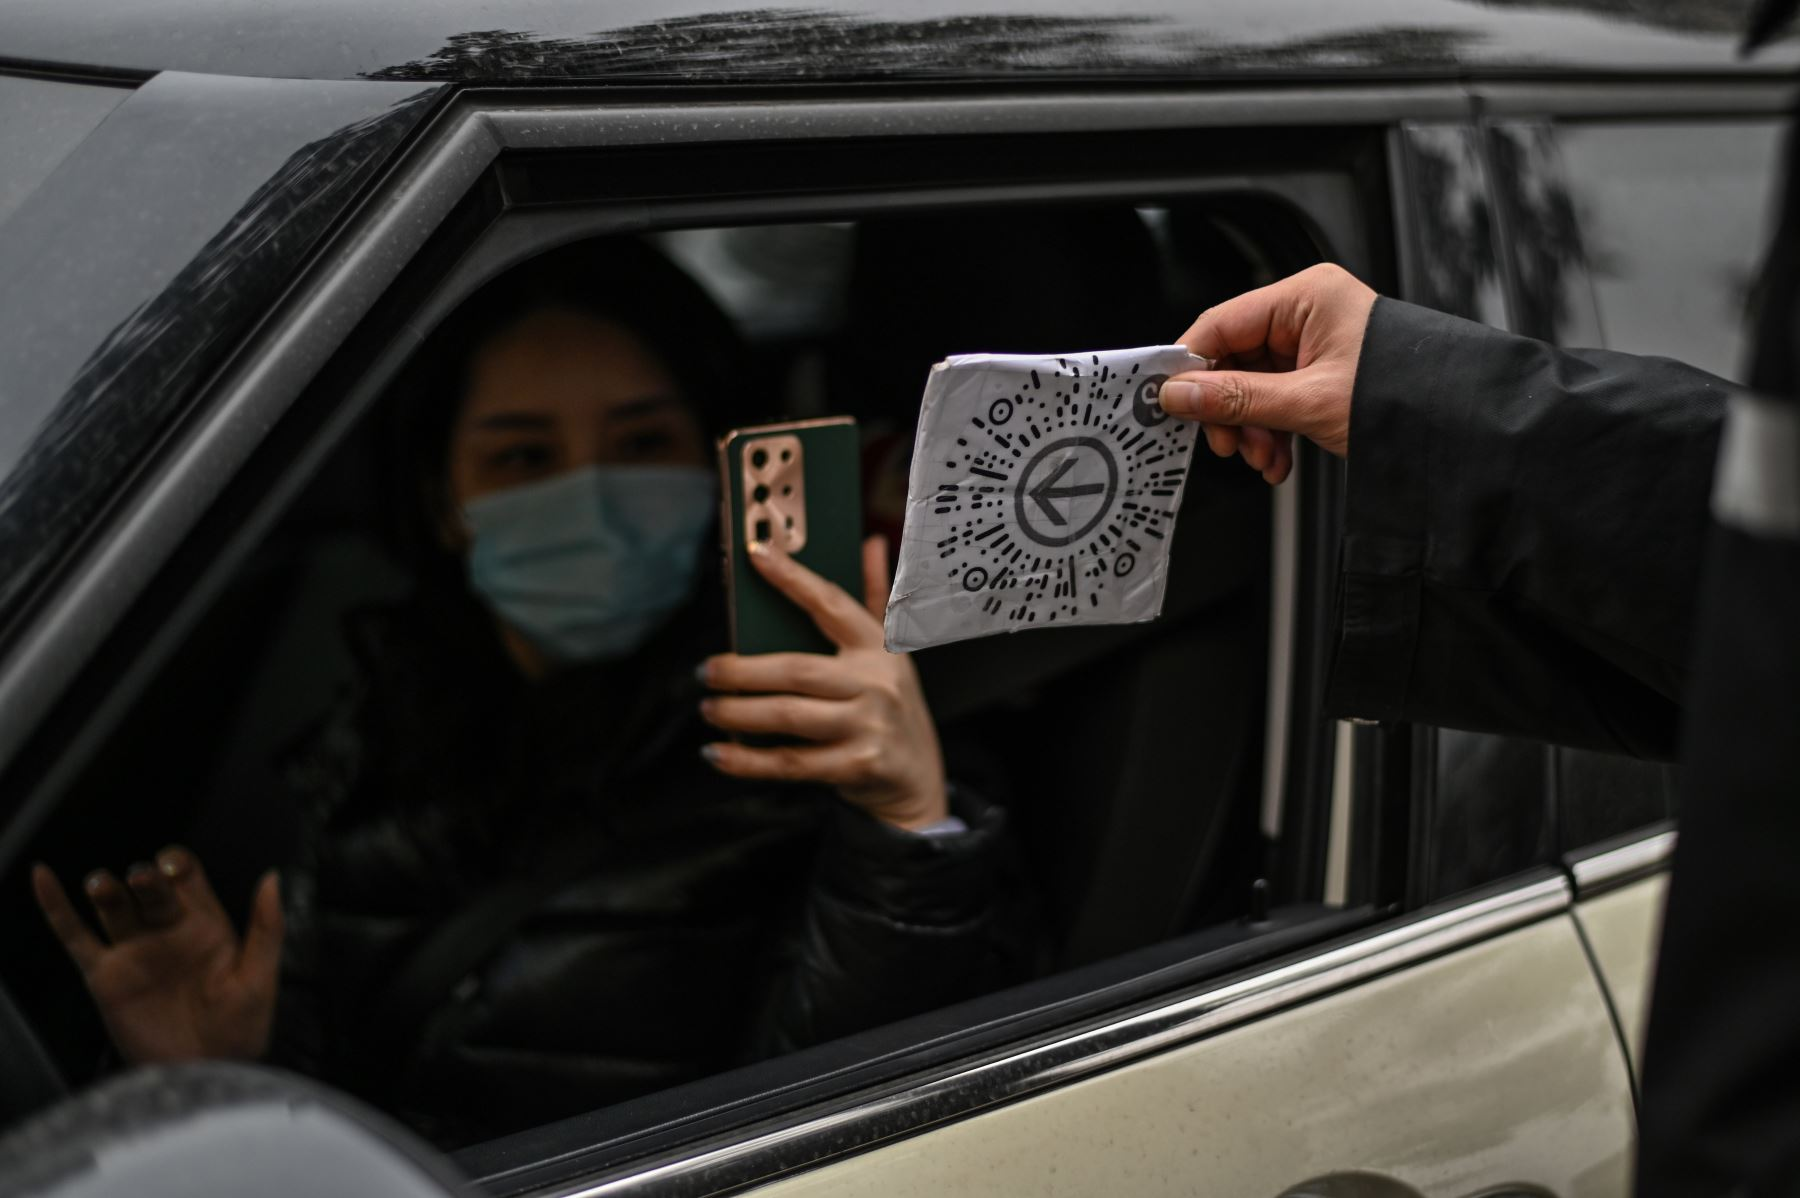 Una mujer con mascarilla como medida preventiva contra el coronavirus Covid-19 escanea un código de salud para ingresar al área de estacionamiento de un centro comercial en Wuhan. Foto: AFP